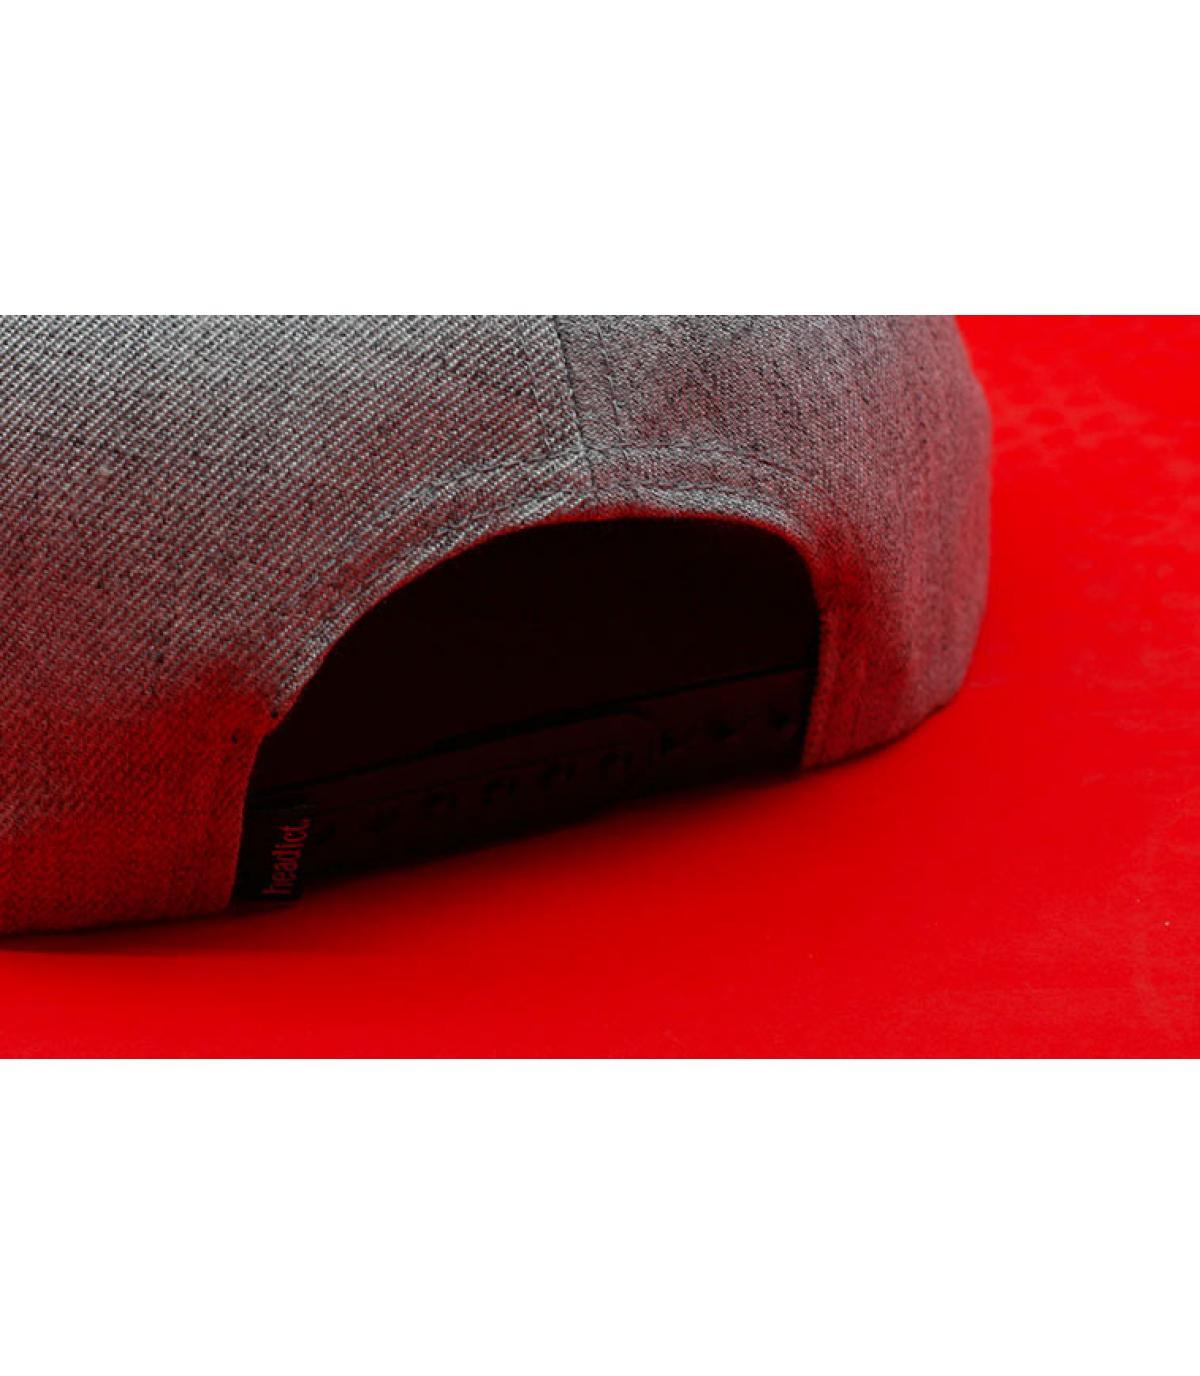 Details Snapback Adler schwarz rot gold - Abbildung 6